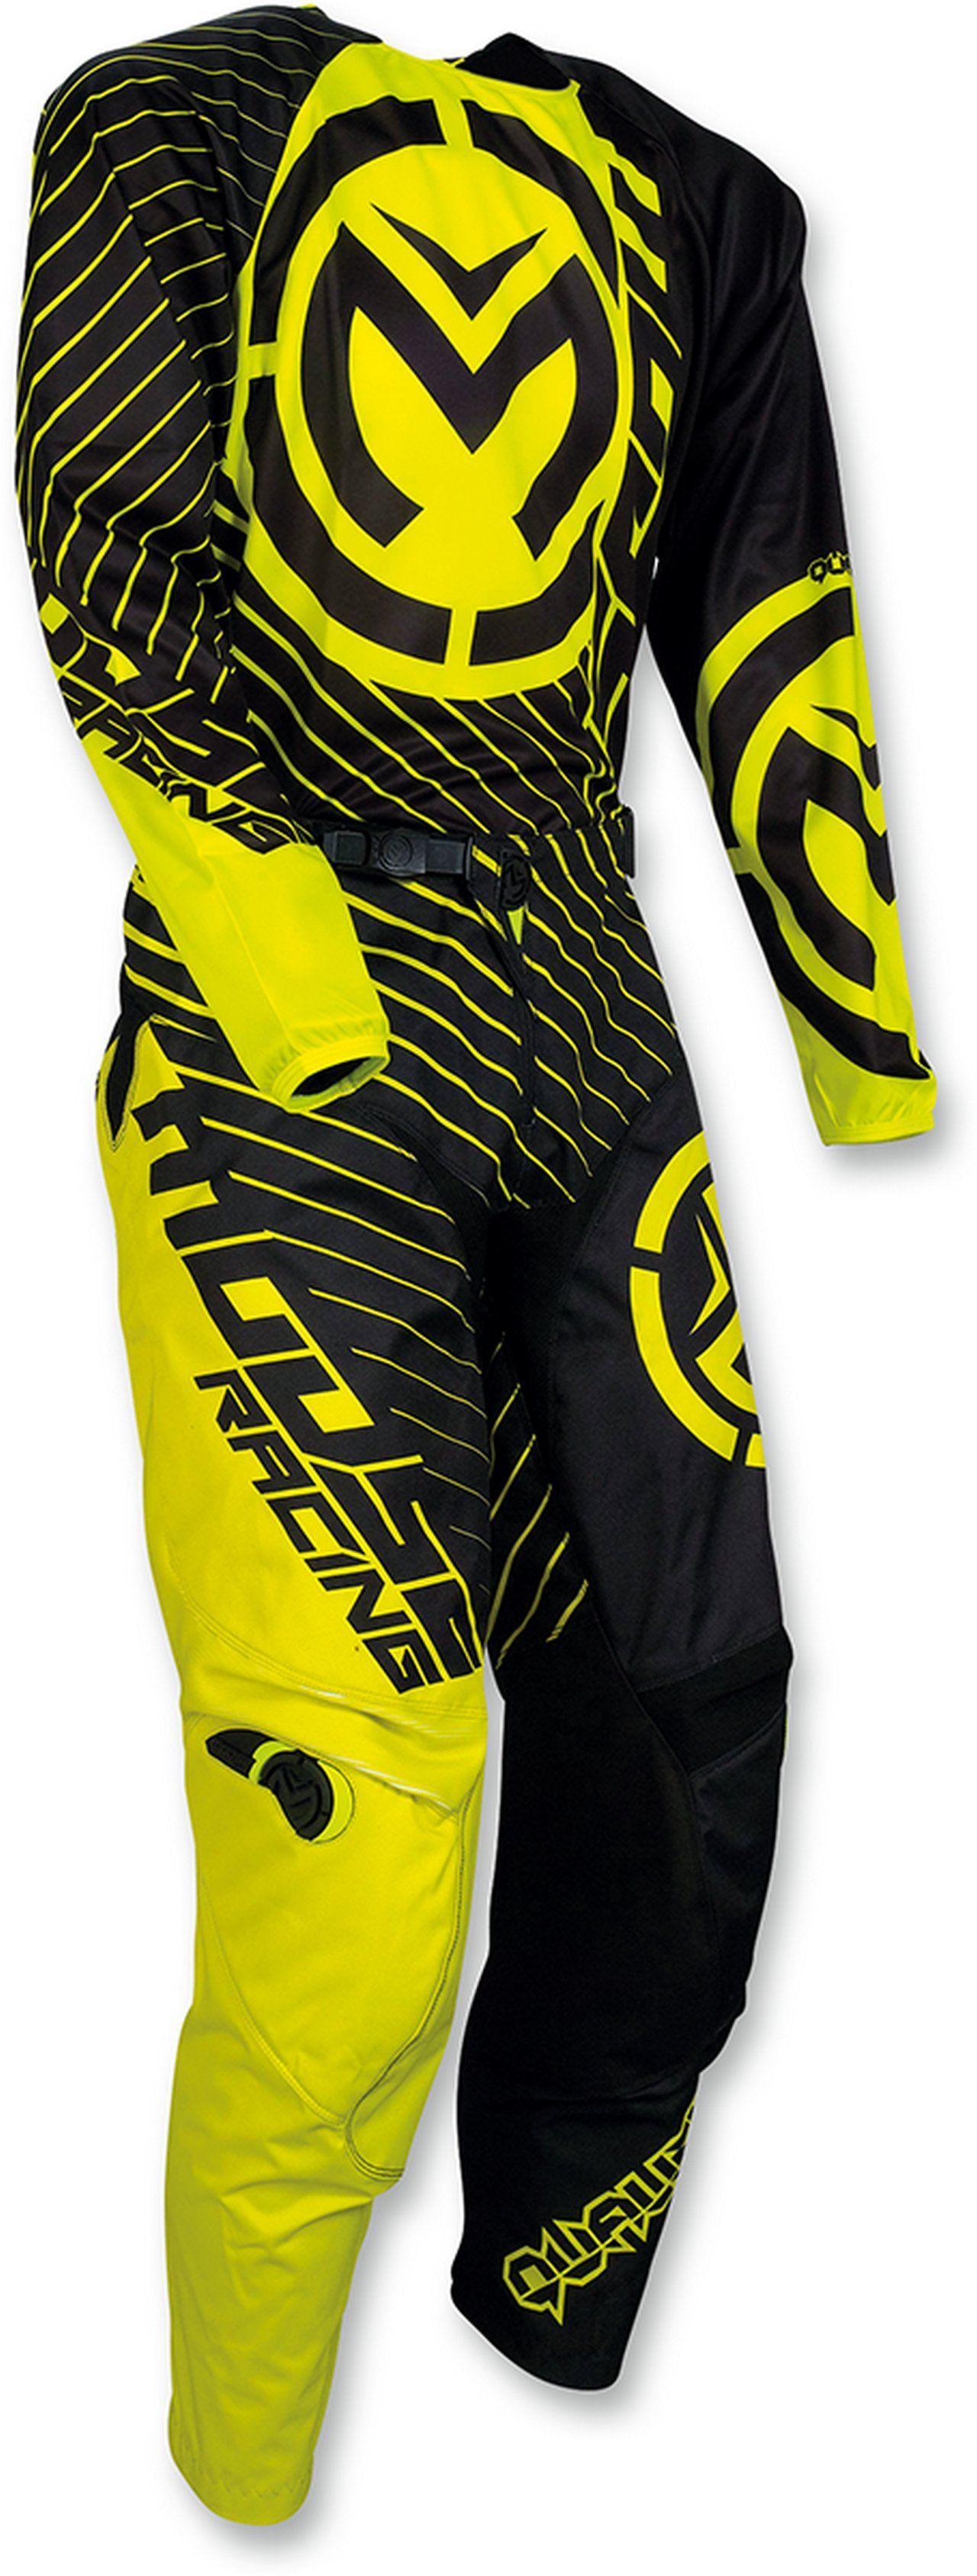 【MOOSE RACING】Qualifier 青少年 騎士褲 [2903-1597] - 「Webike-摩托百貨」